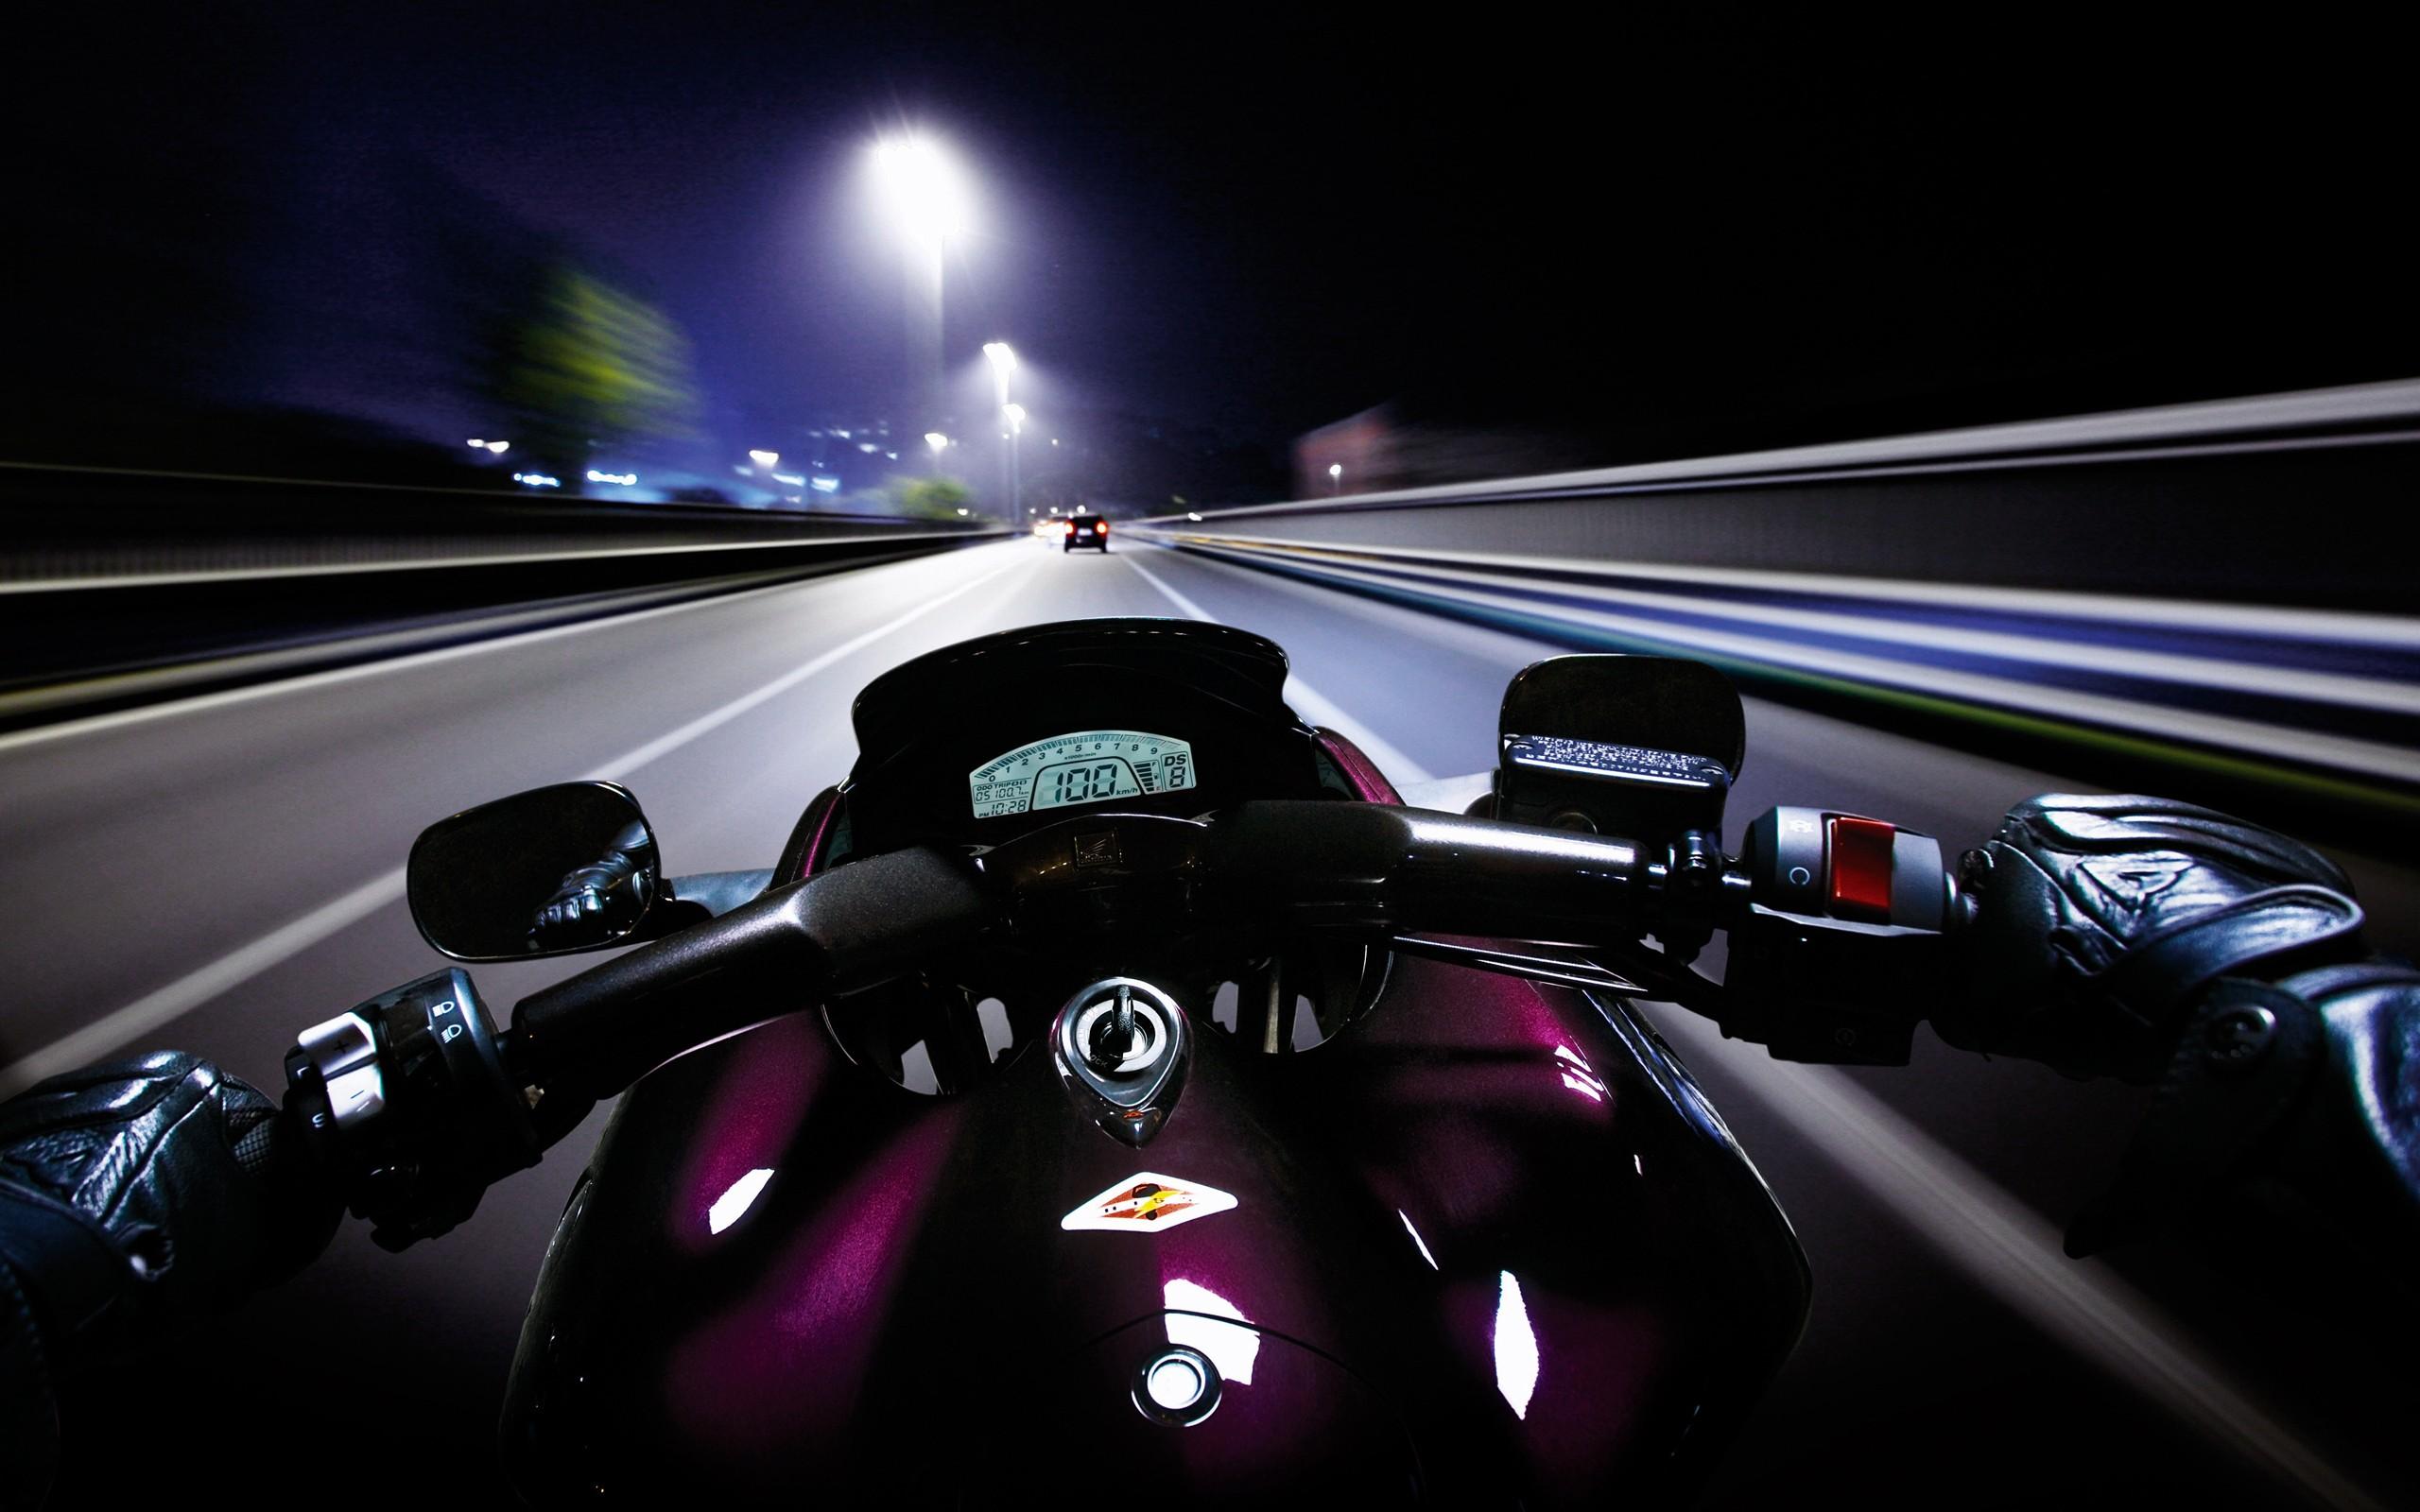 Speeding Bike POV Wallpapers Speeding Bike POV Myspace Backgrounds 2560x1600